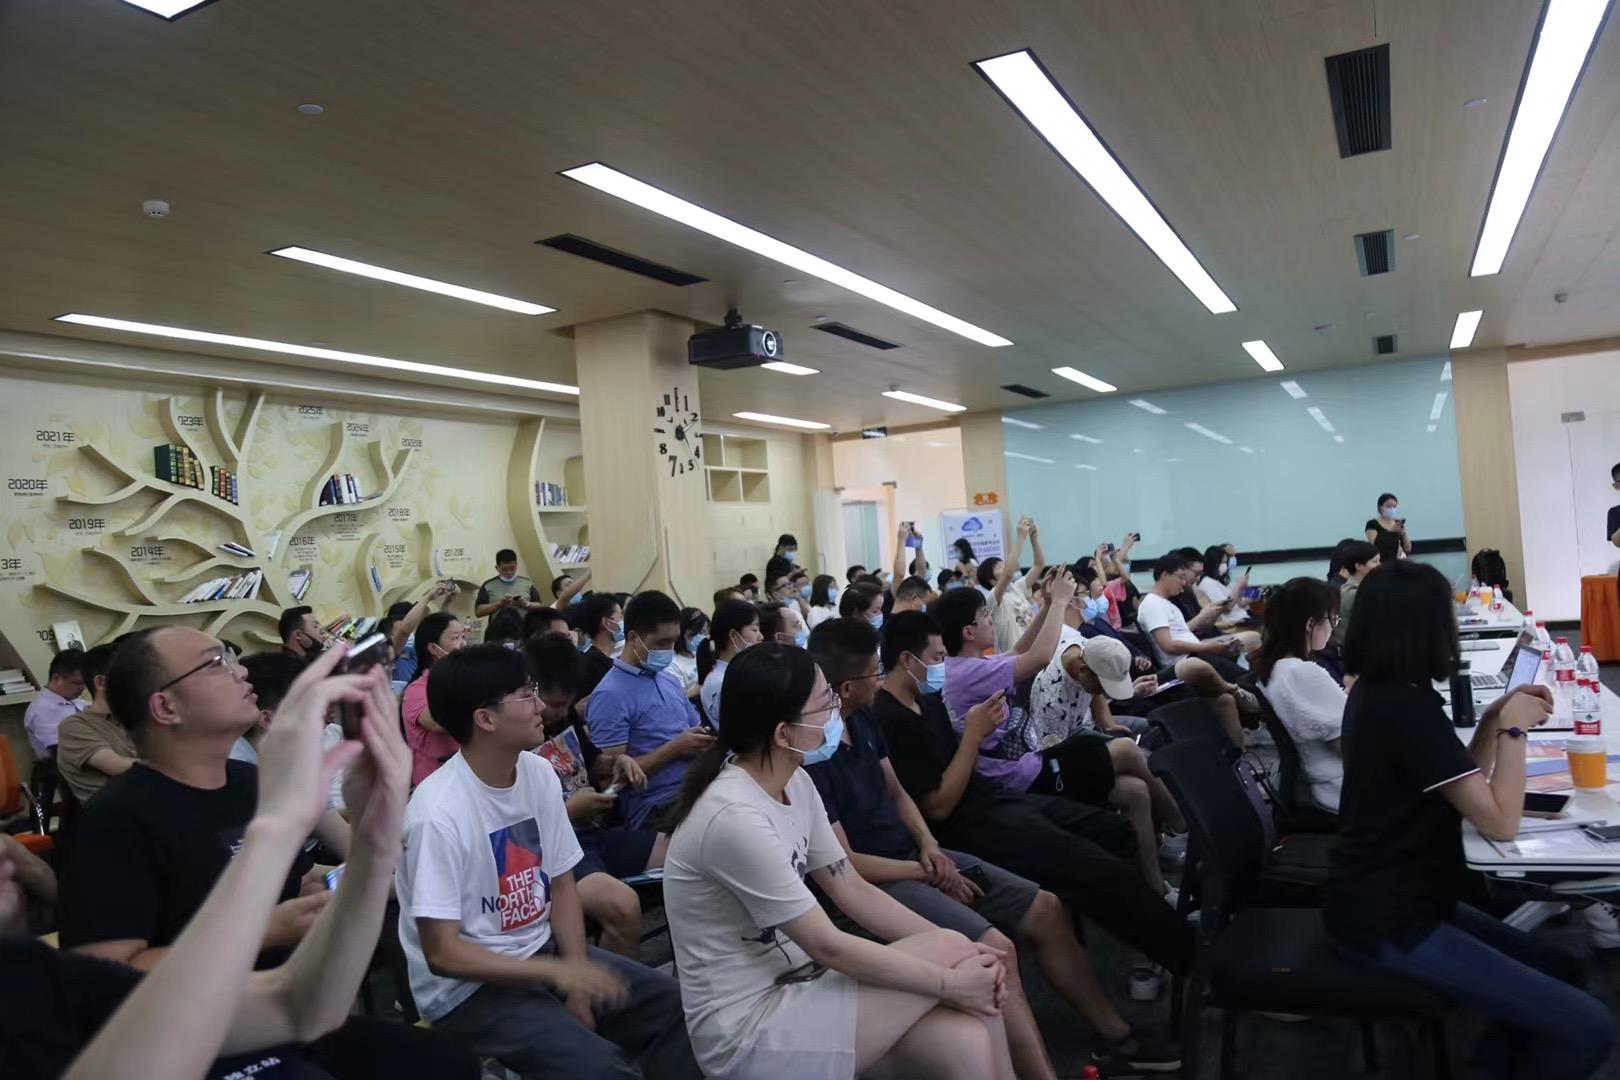 猎豹国际广告助力杭州跨境卖家 打破买量困惑!